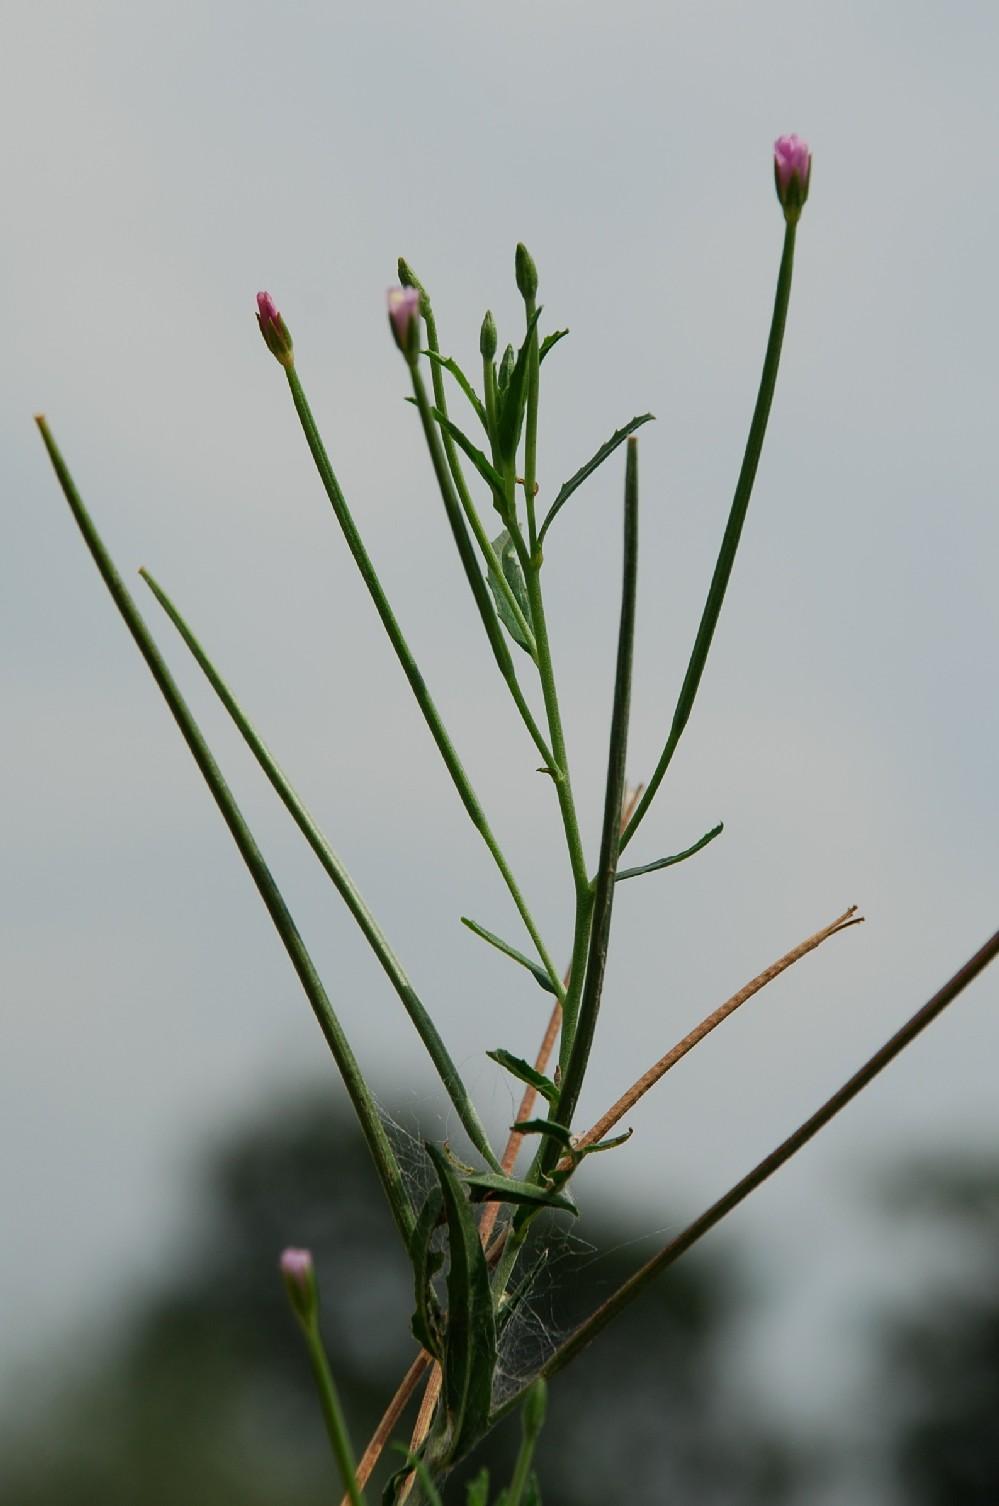 Epilobium tetragonum subsp. tetragonum 23